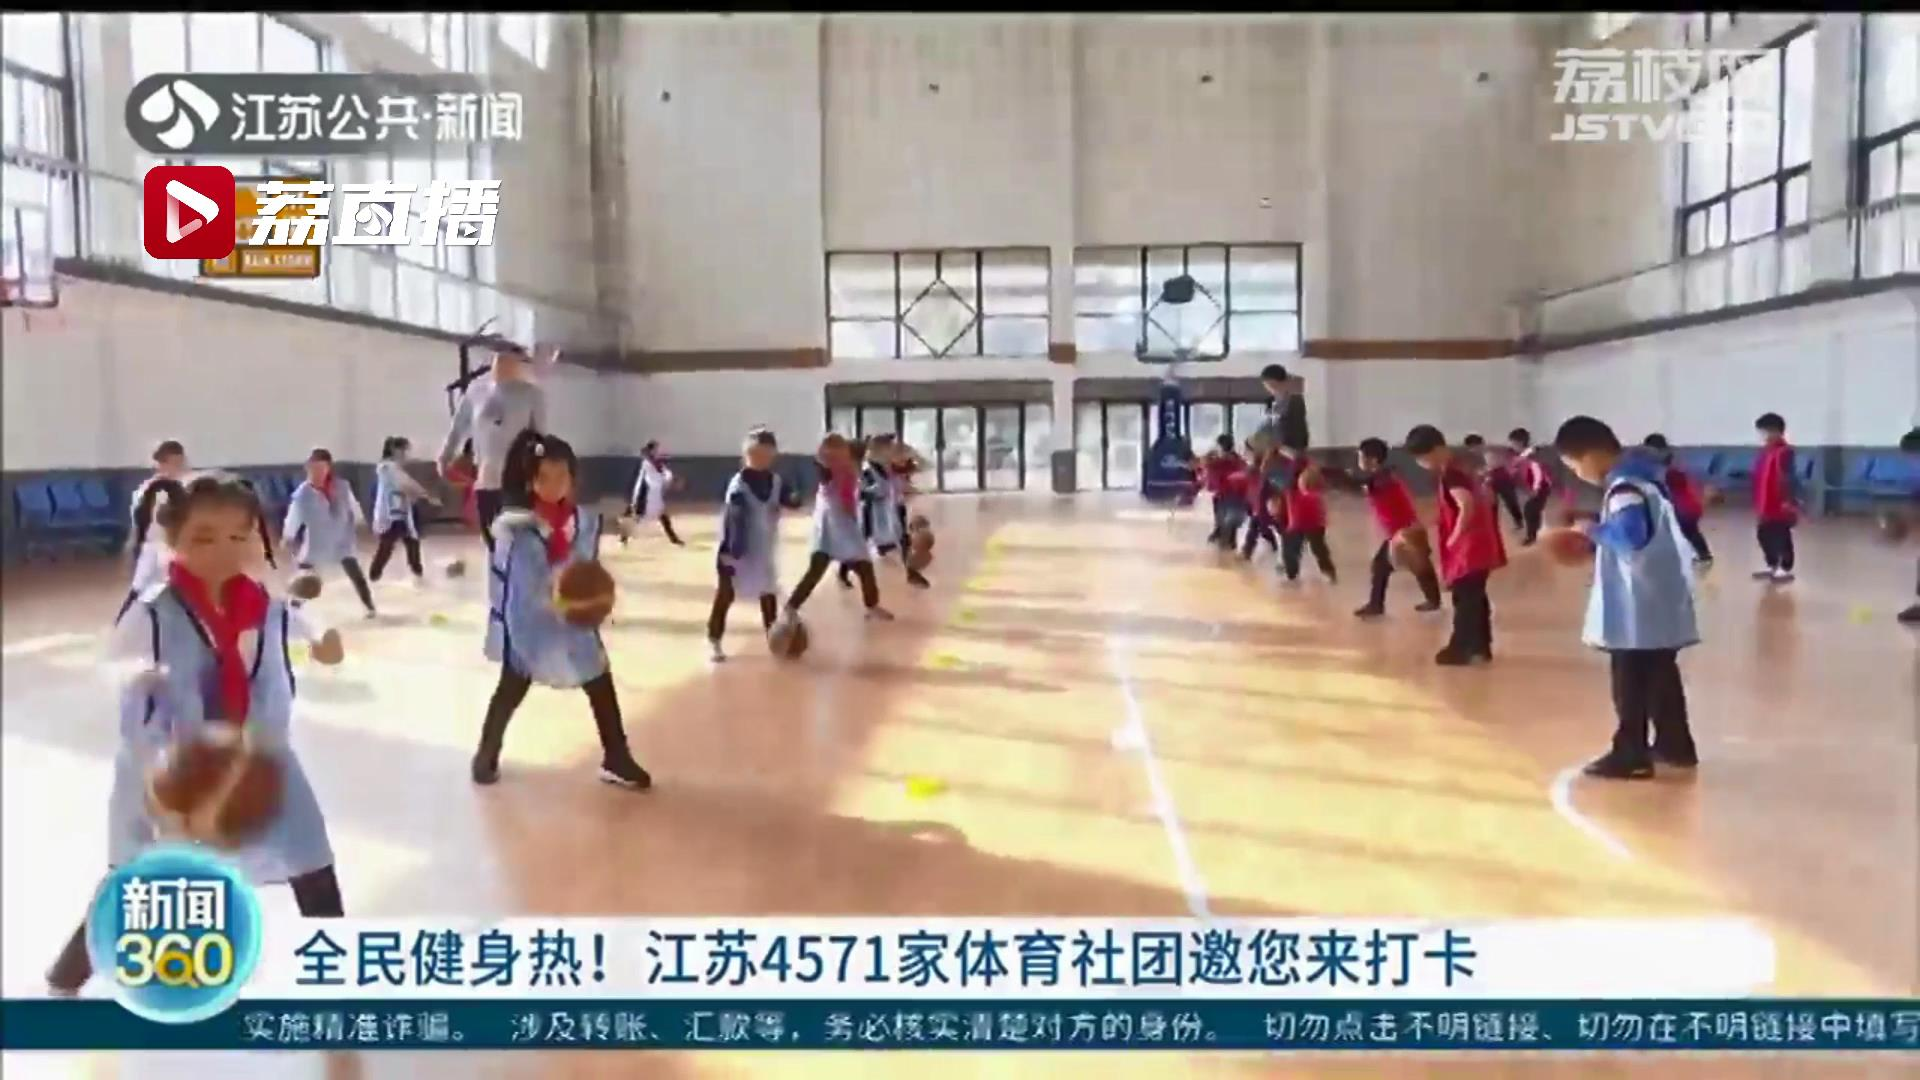 全民健身热!江苏4571家体育社团邀您来打卡